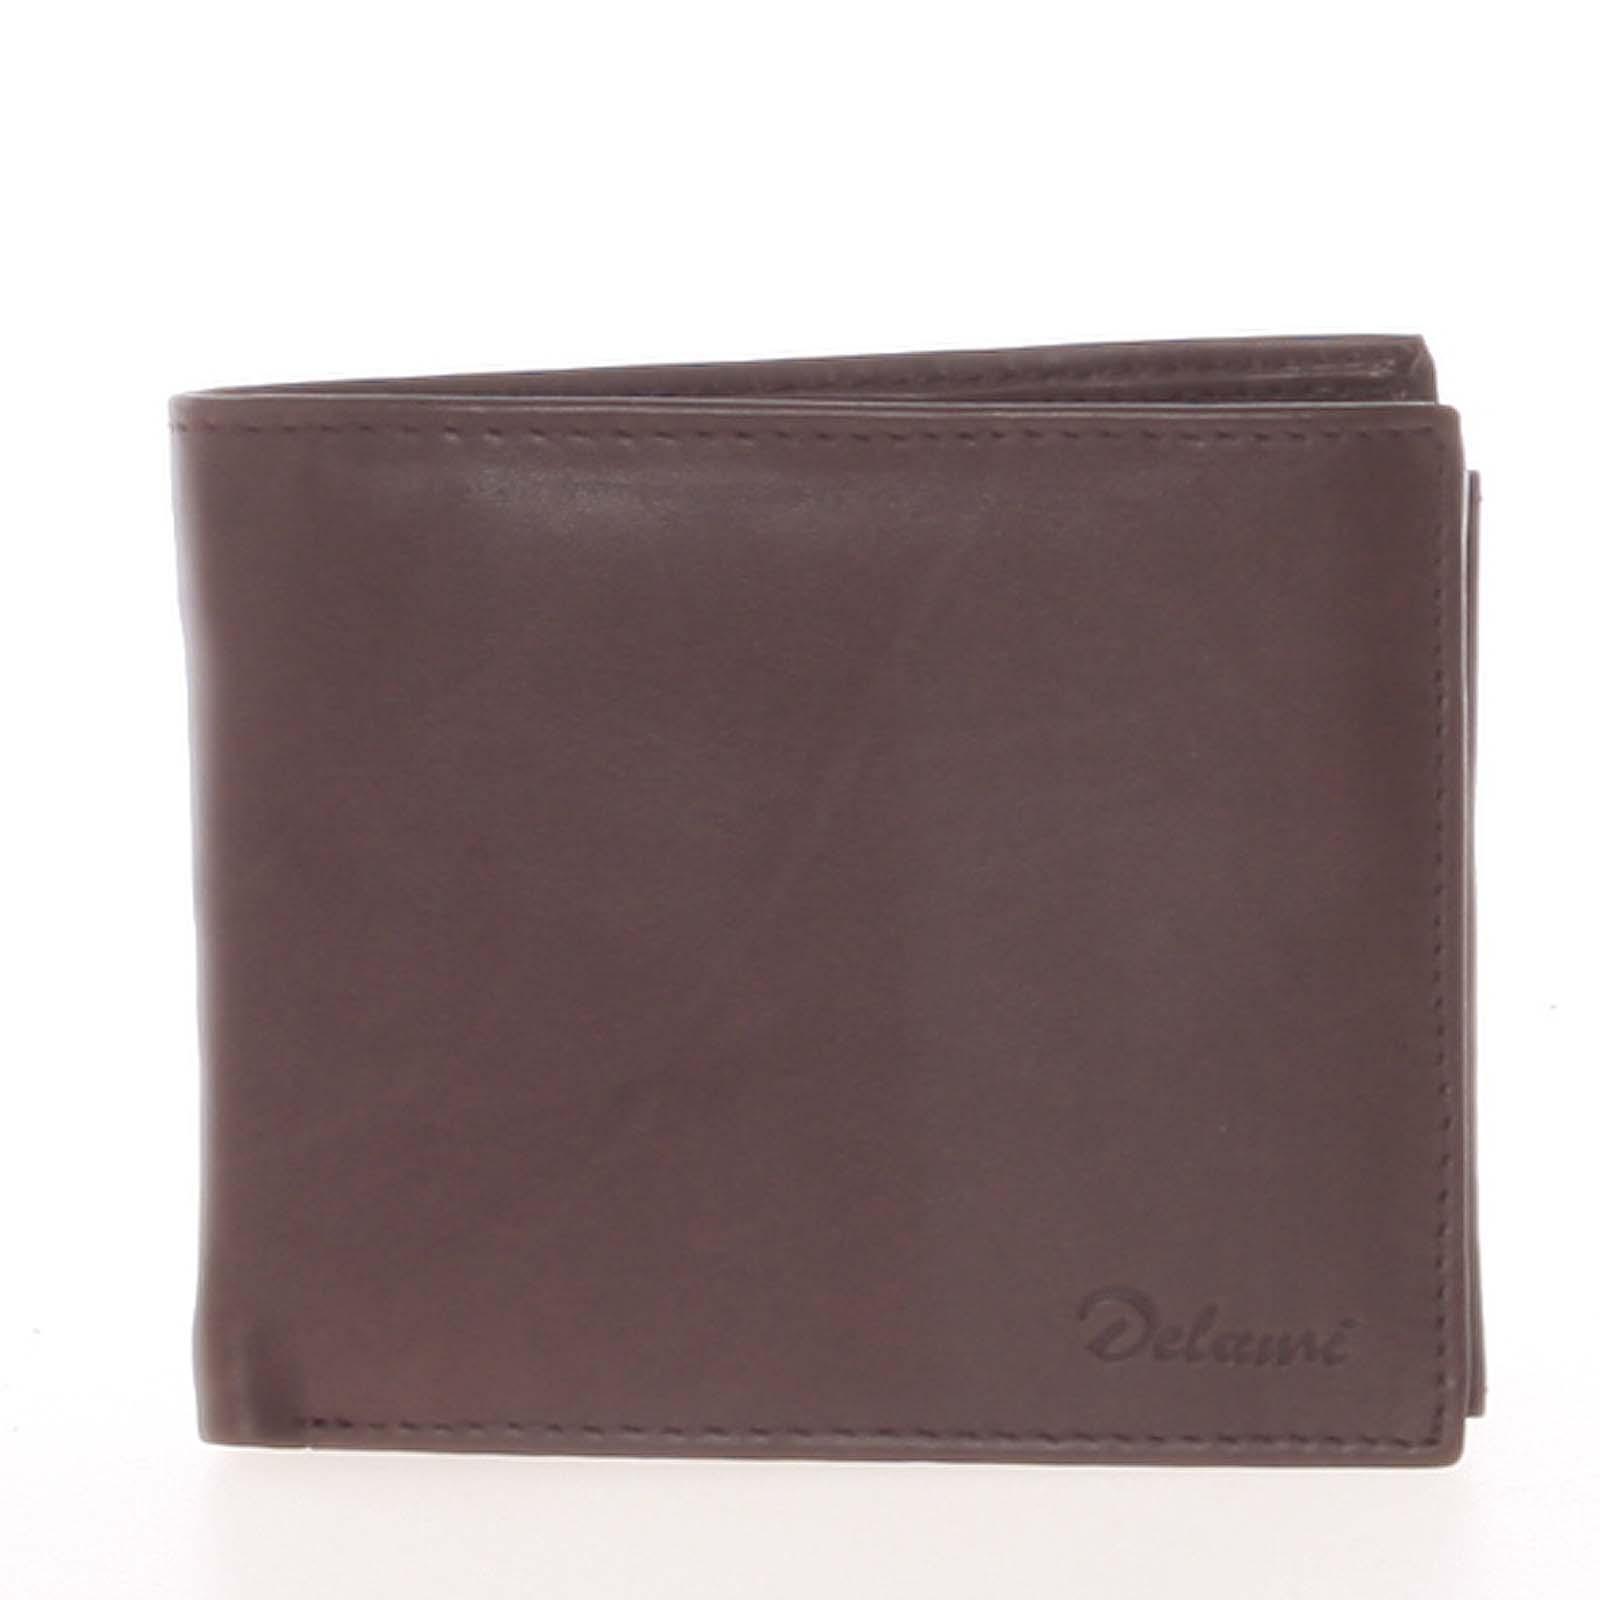 Pánska kožená peňaženka hnedá - Delami Five